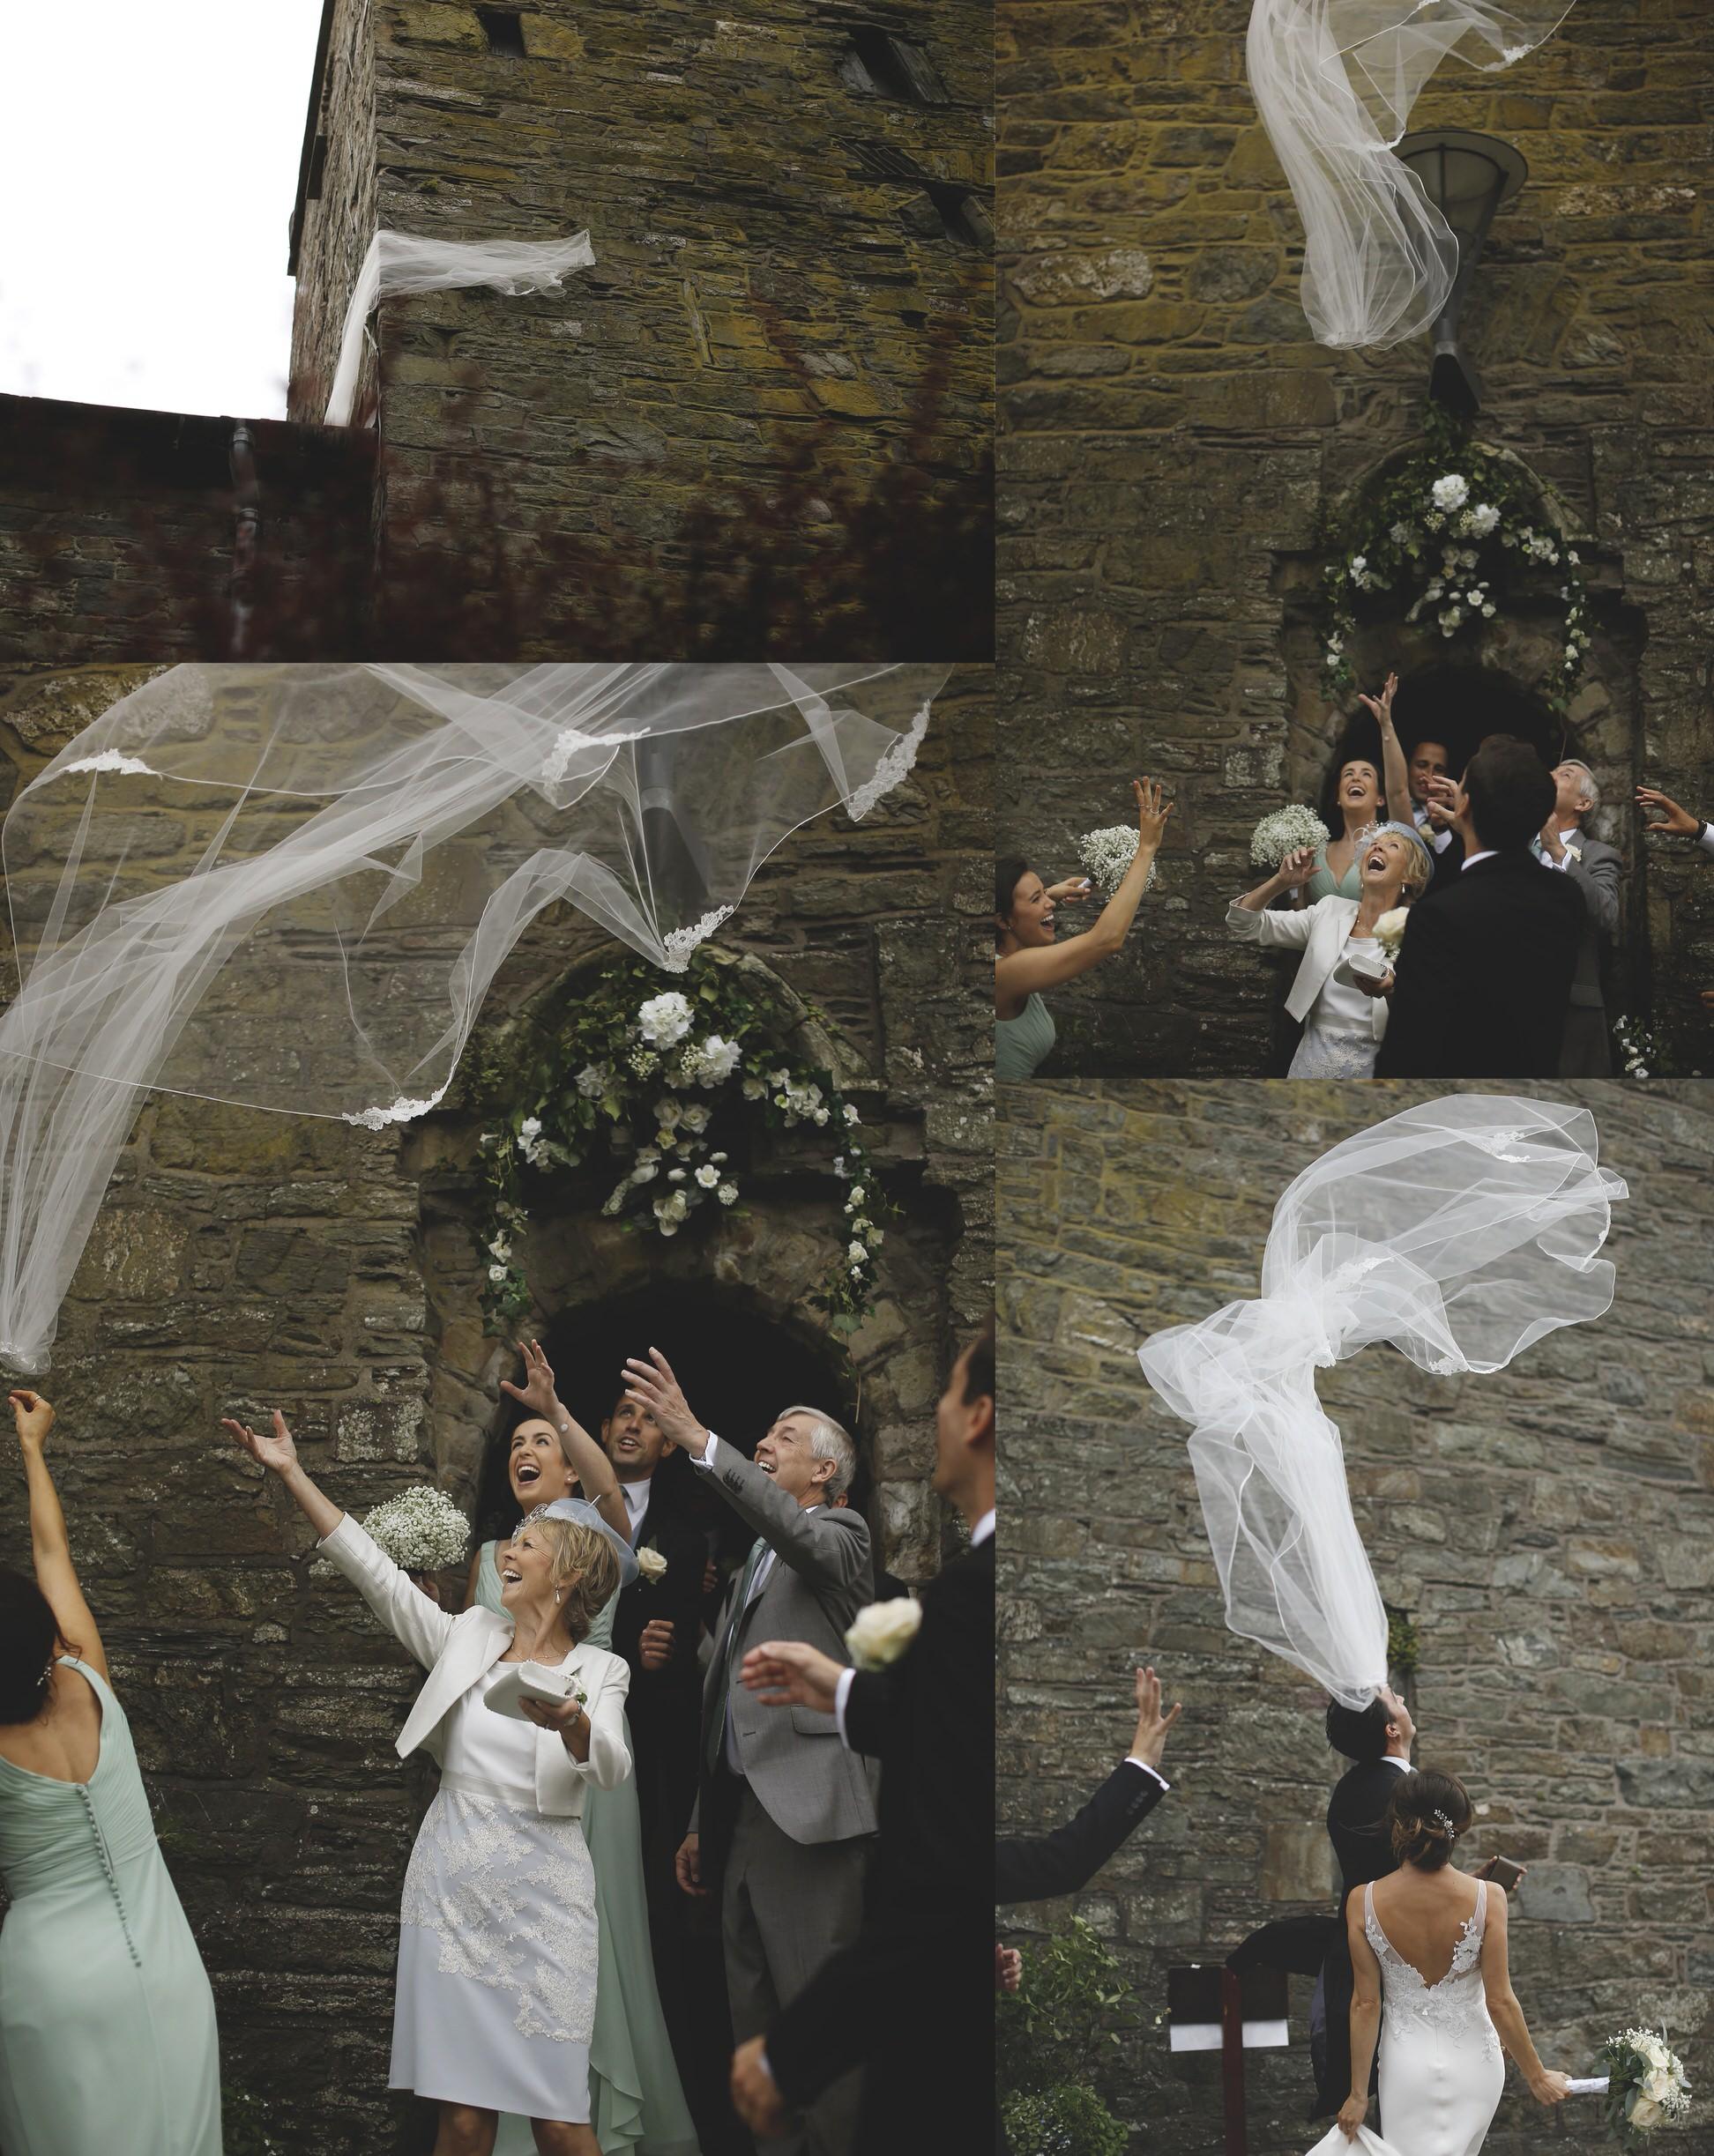 brettharkness-destination-wedding-photographer-ireland_0025.jpg